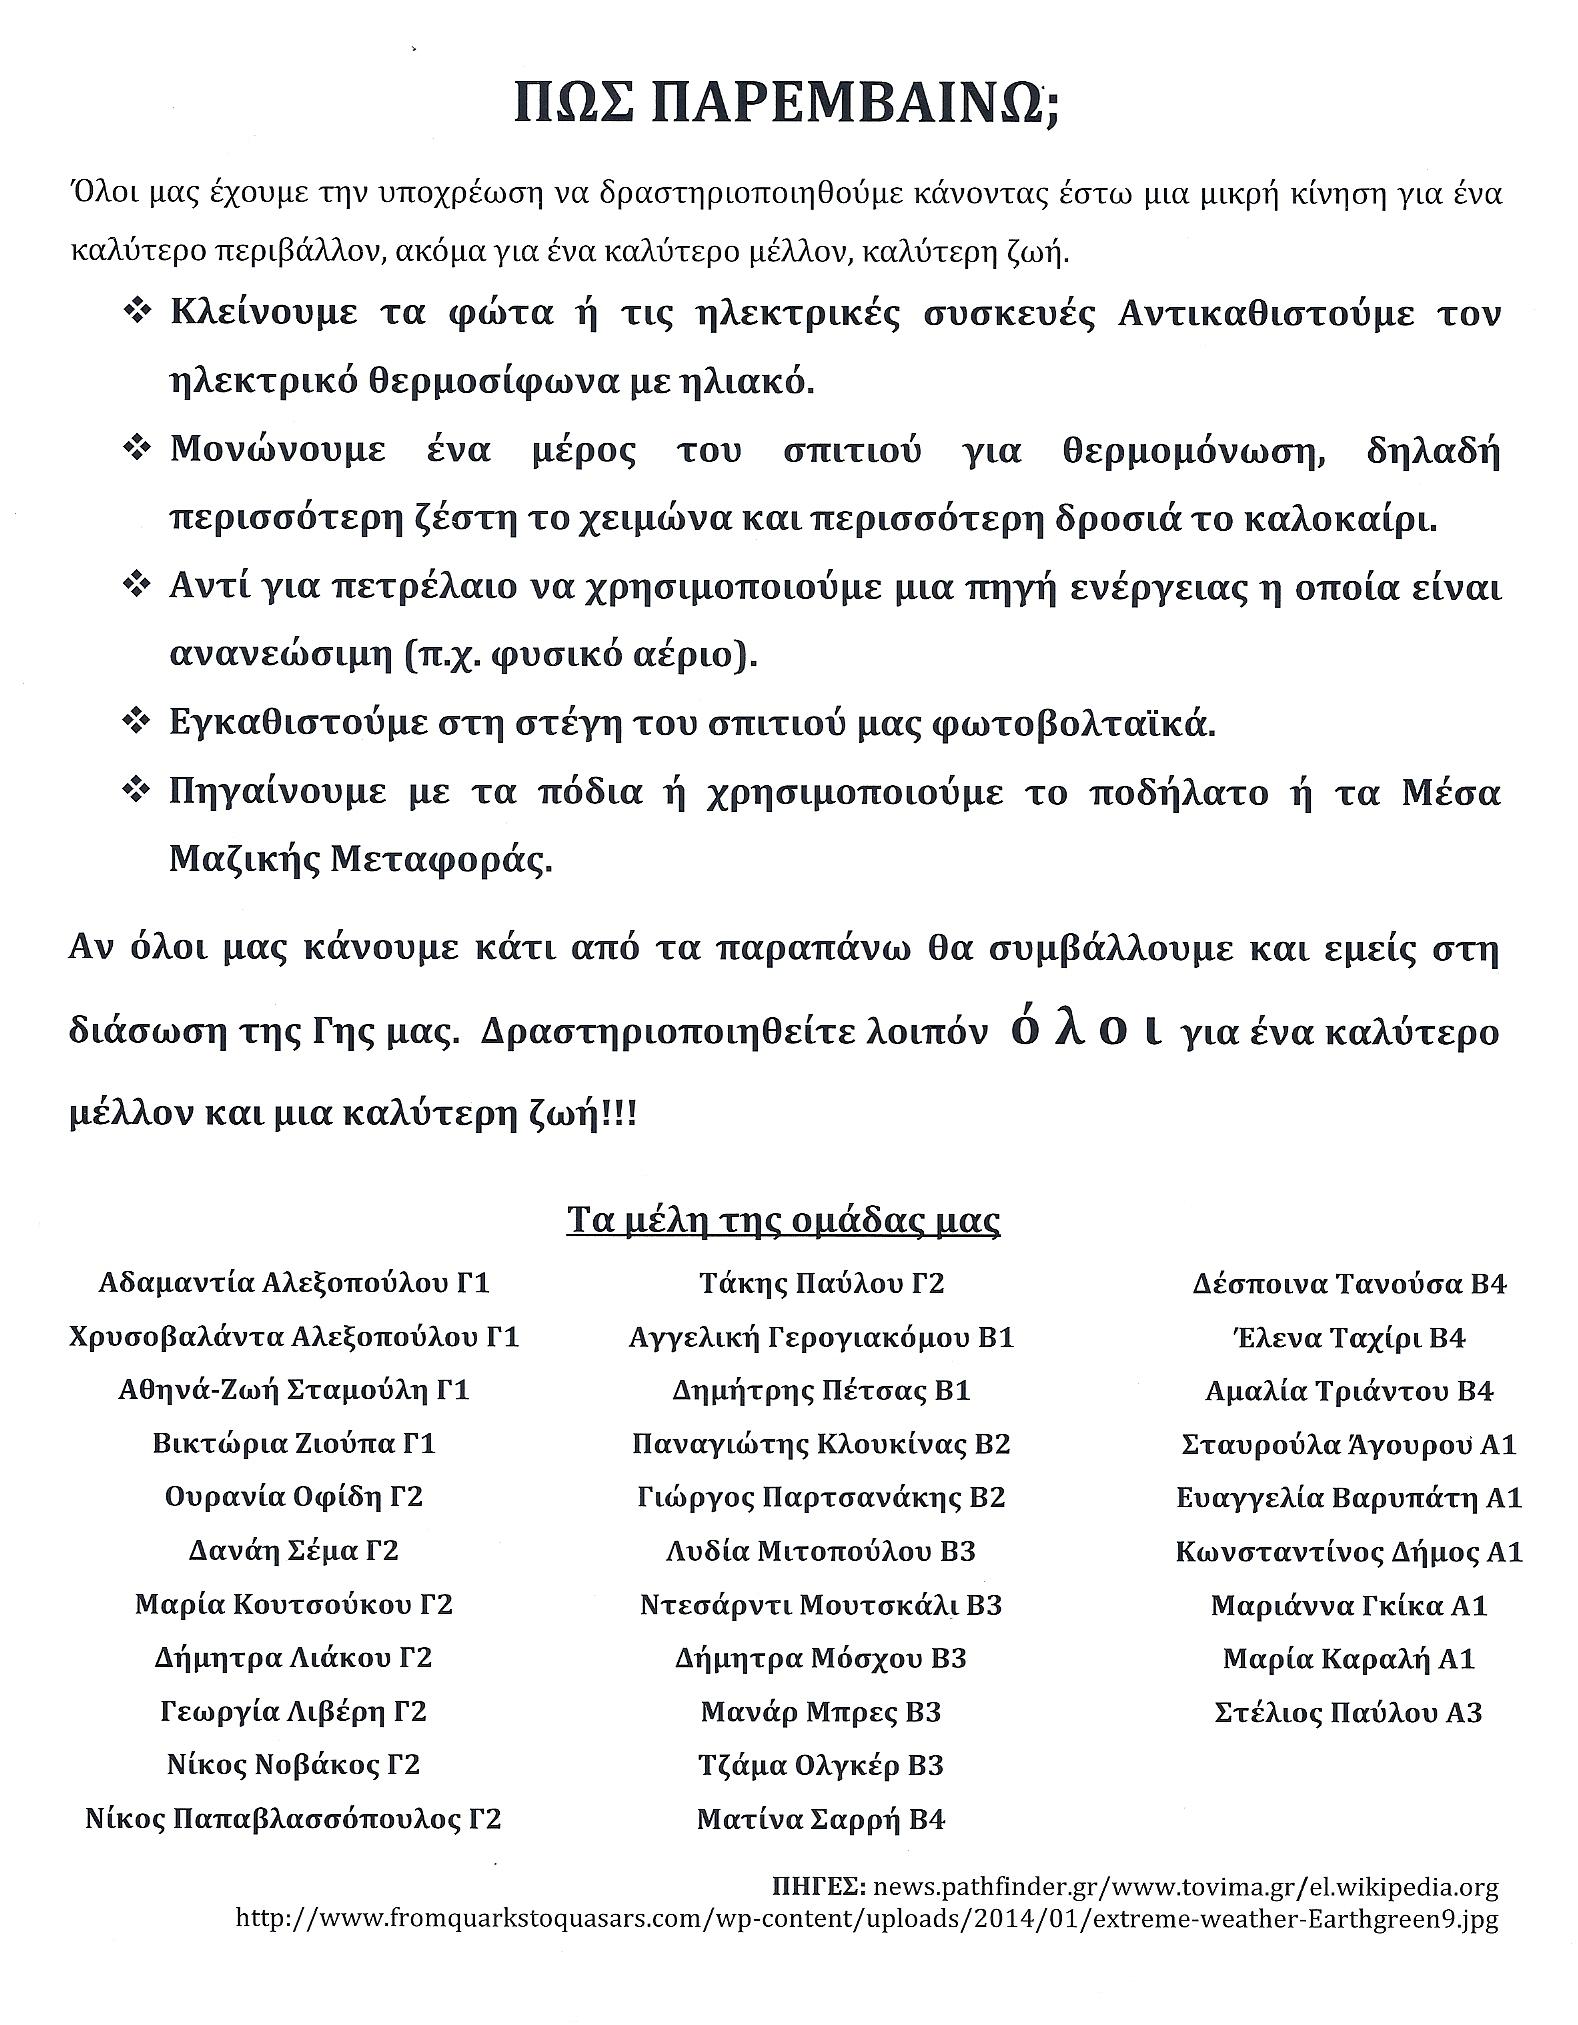 ΣΕΠΤΕΜΒΡΙΟΣ ? ΝΟΕΜΒΡΙΟΣ 2013- ΣΥΝΤΟΝΙΣΤΗΣ ΚΑΘΗΓΗΤΗΣ ΓΙΩΡΓΟΣ ΜΠΑΜΠΑΣΙΔΗΣ ΠΕ04